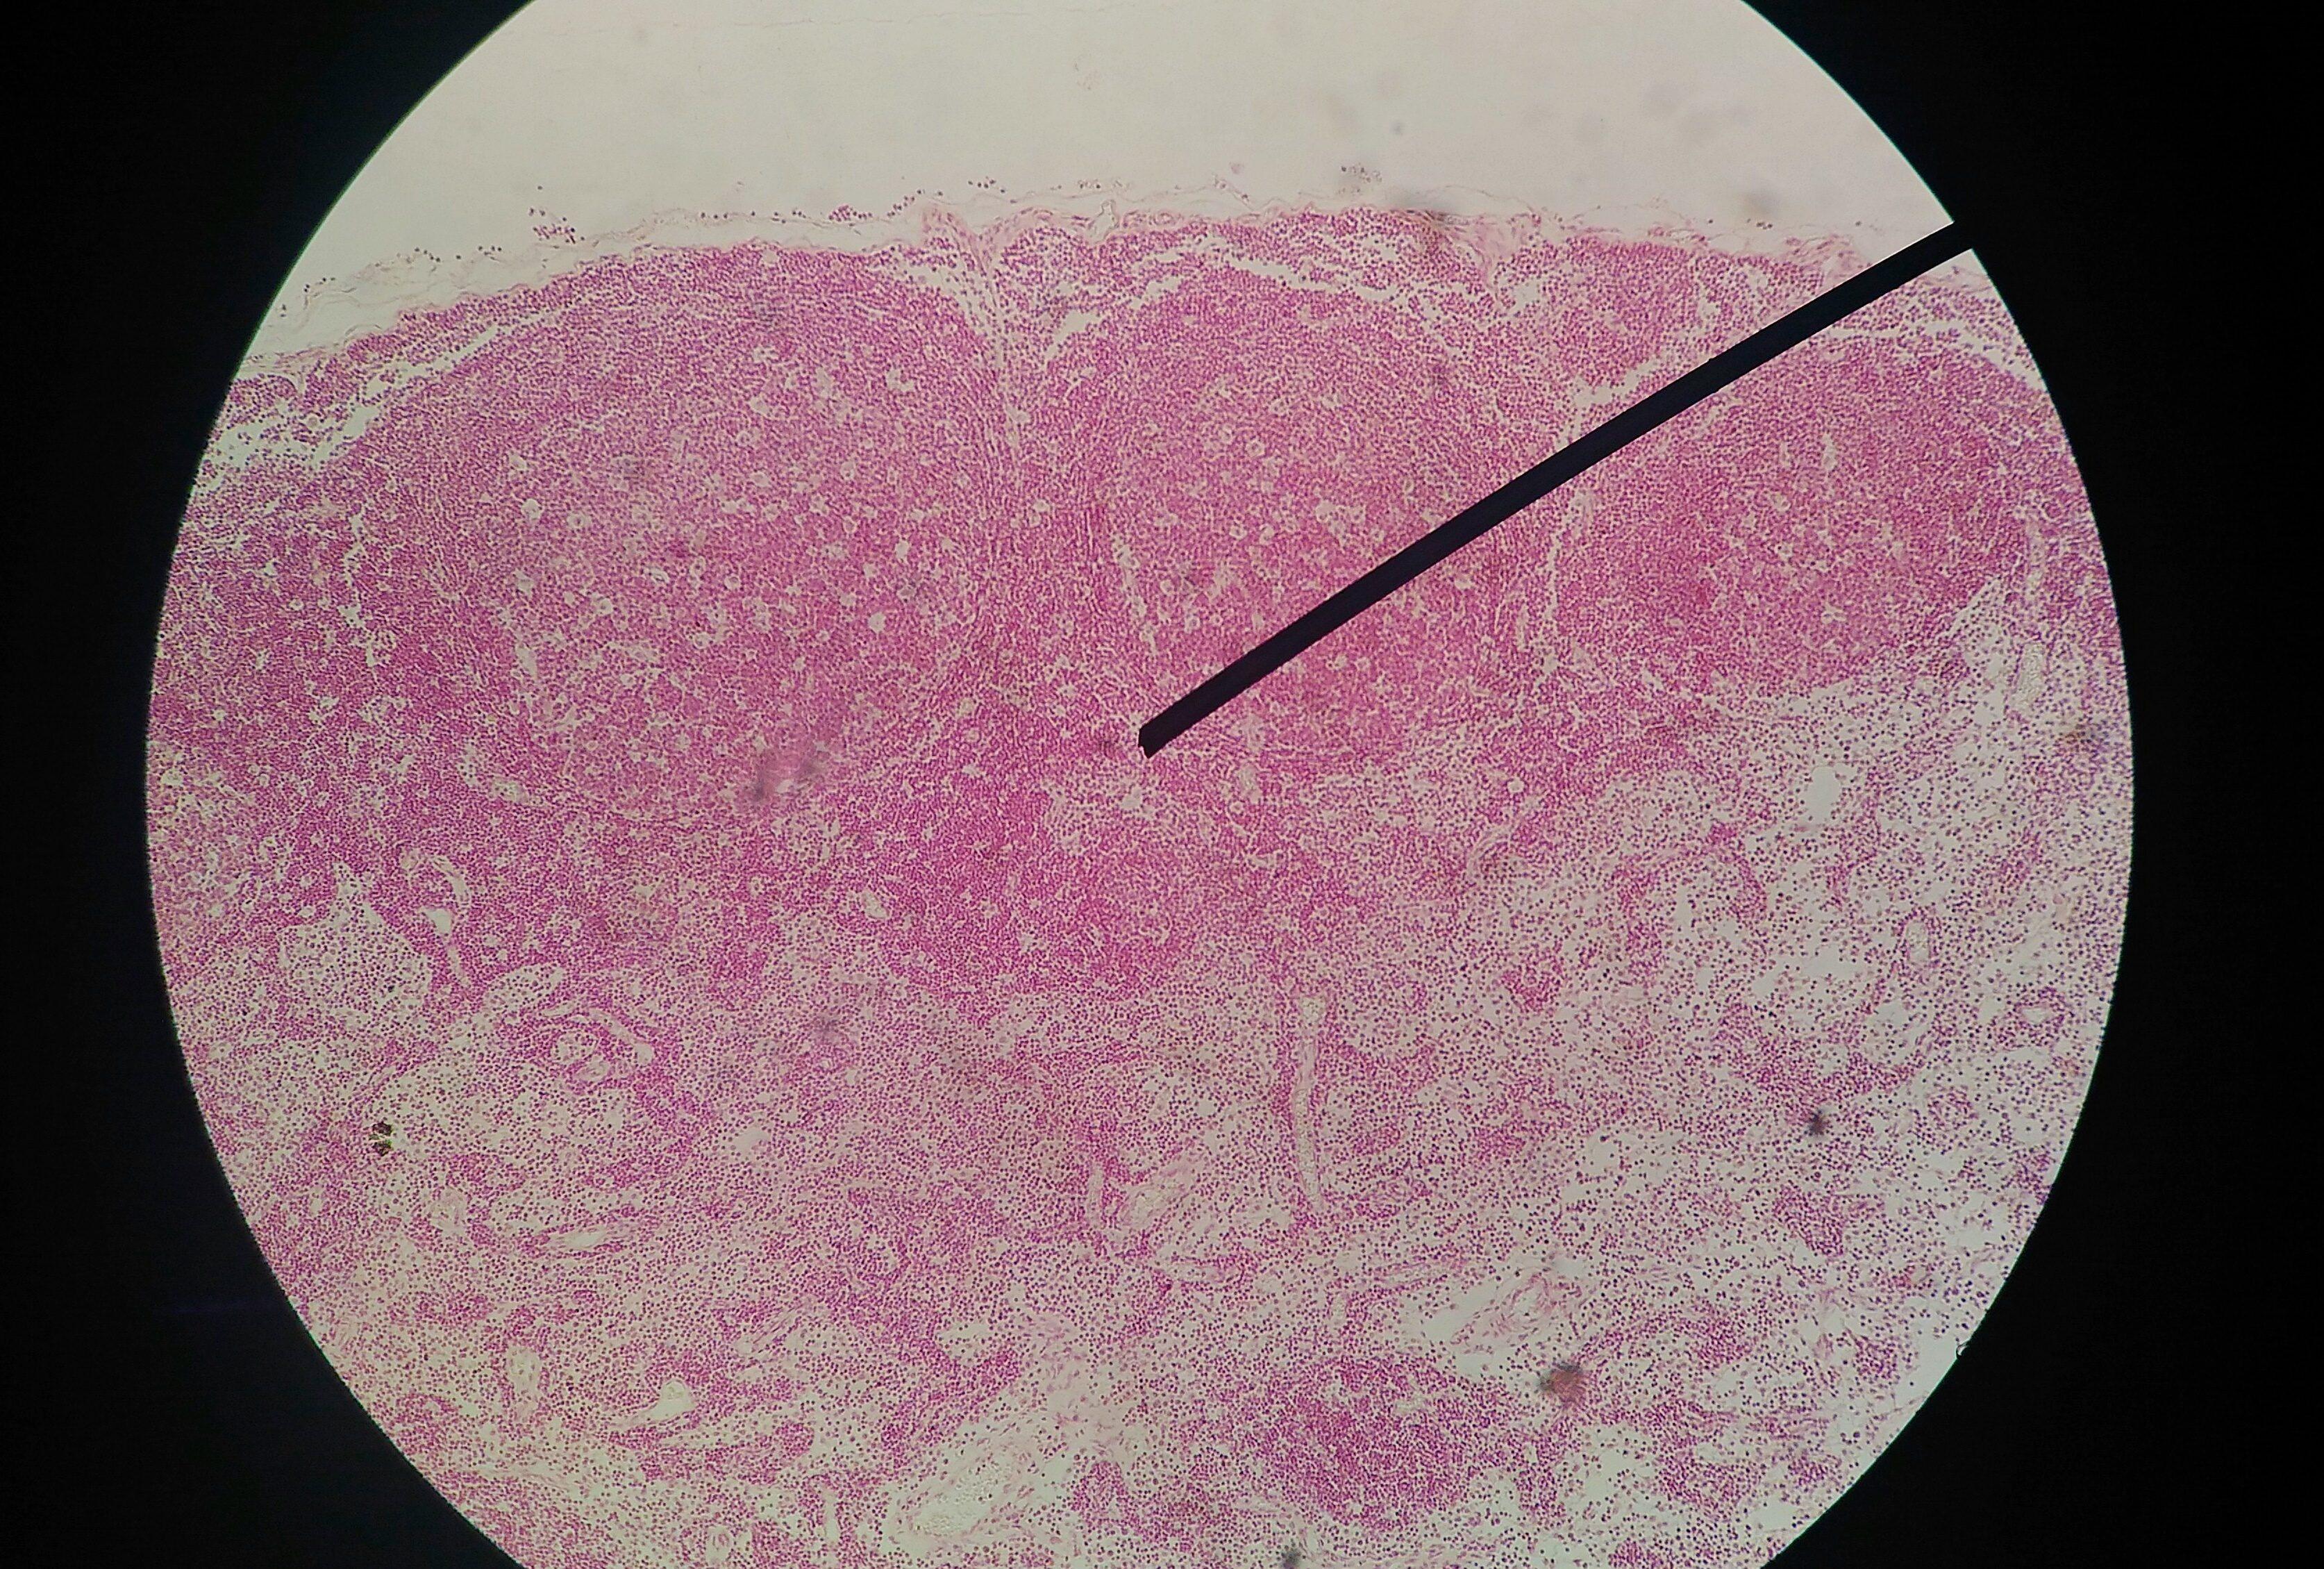 papilloma virus nel pap test